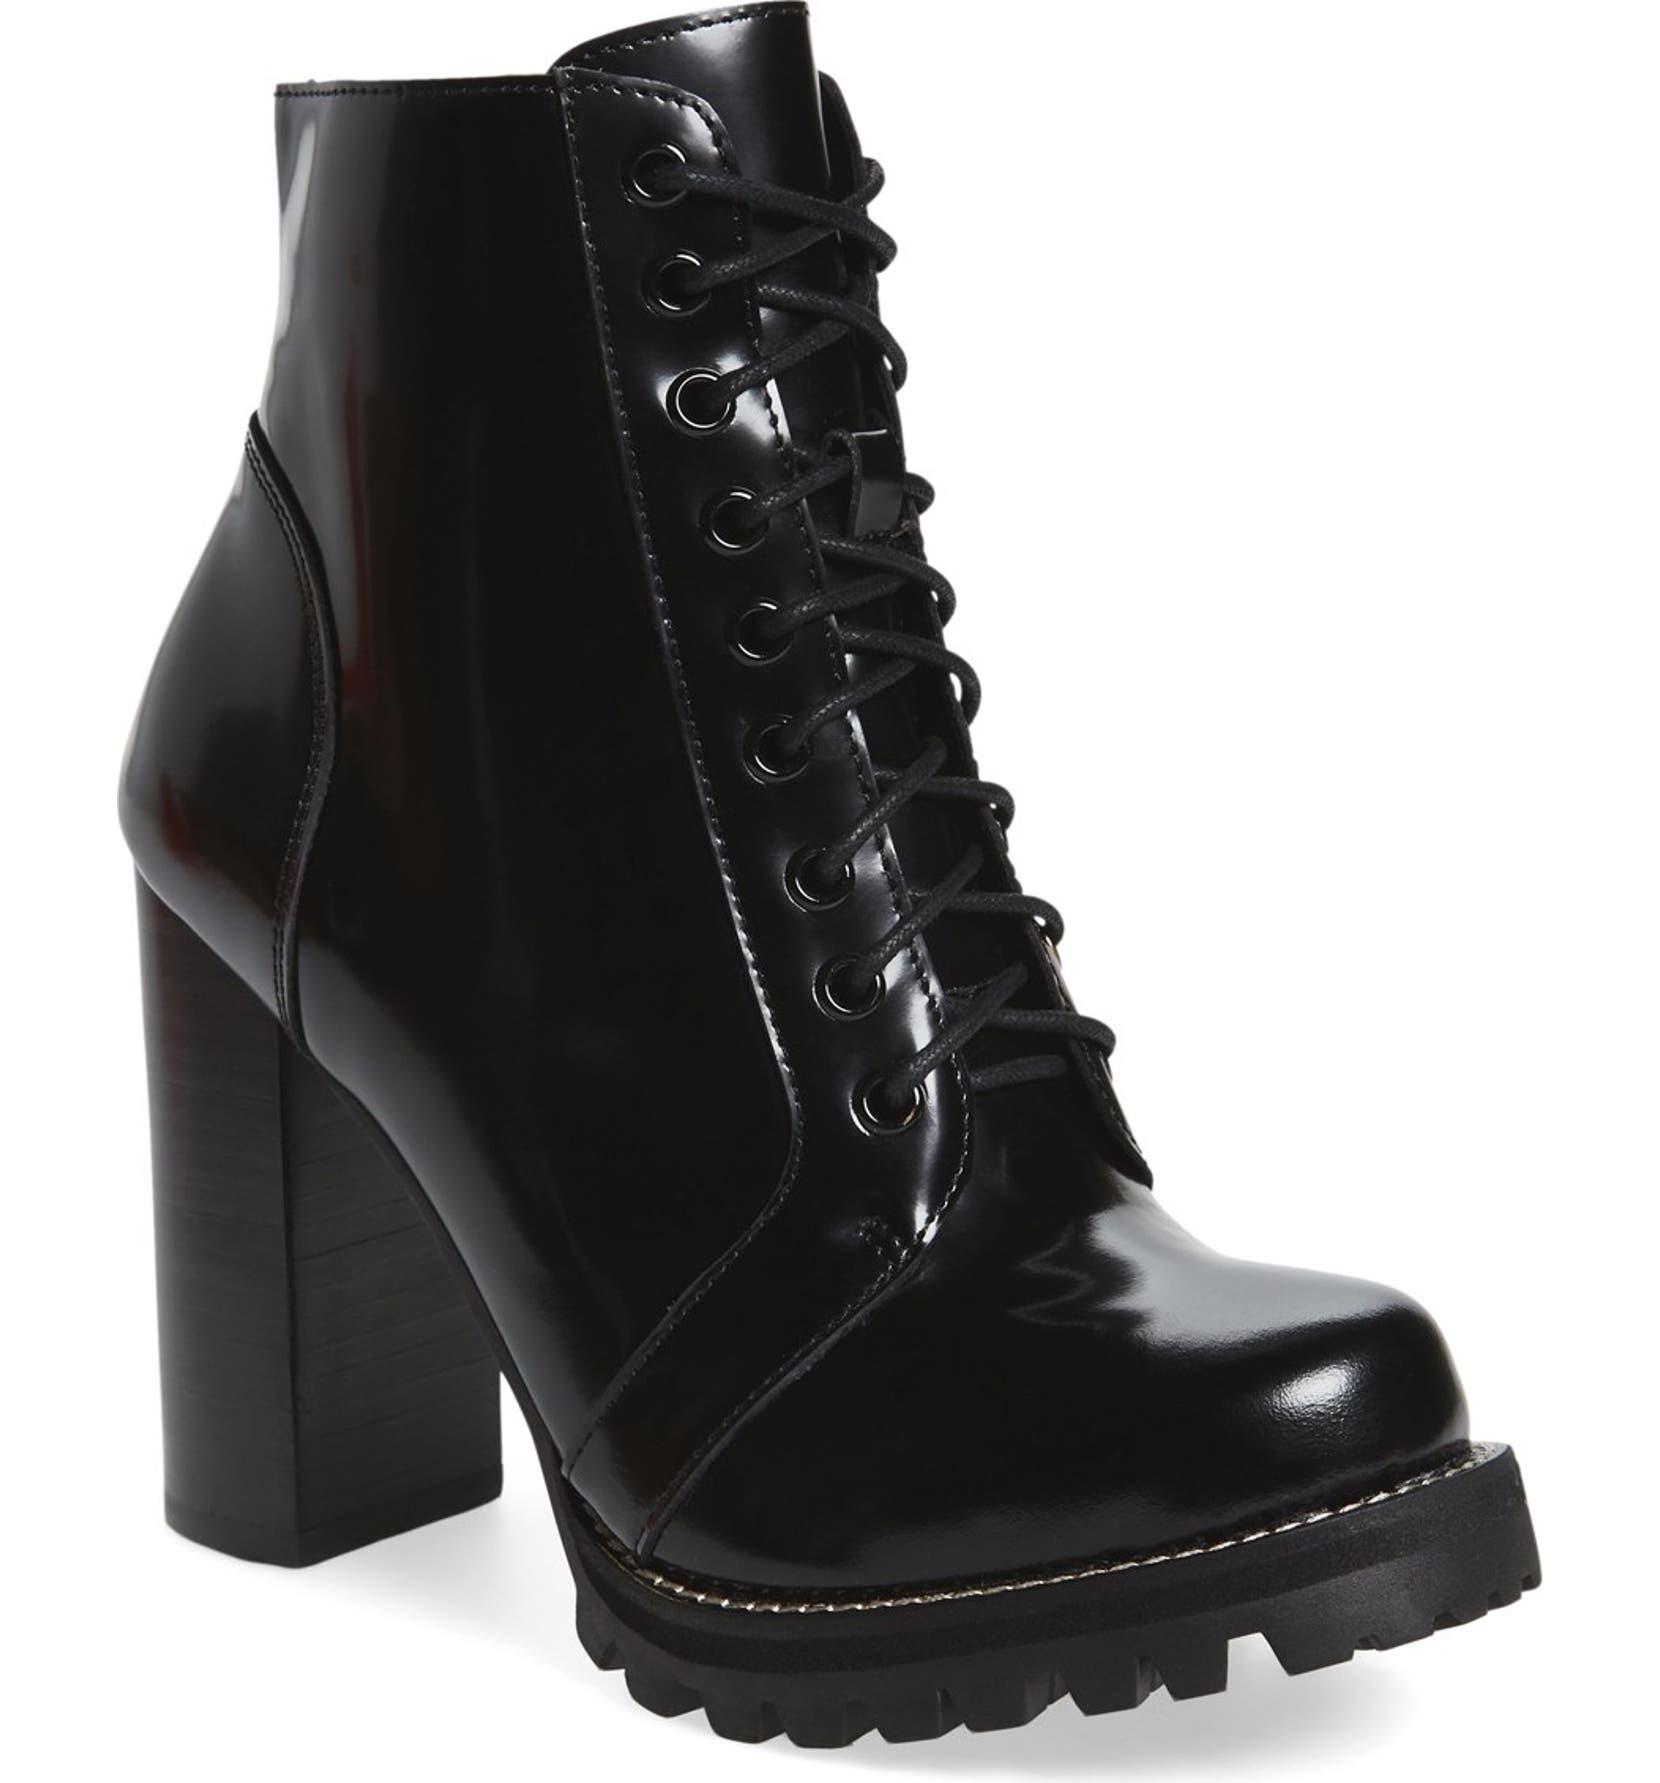 24c4351f2ec83 Jeffrey Campbell 'Legion' High Heel Boot (Women) | Nordstrom